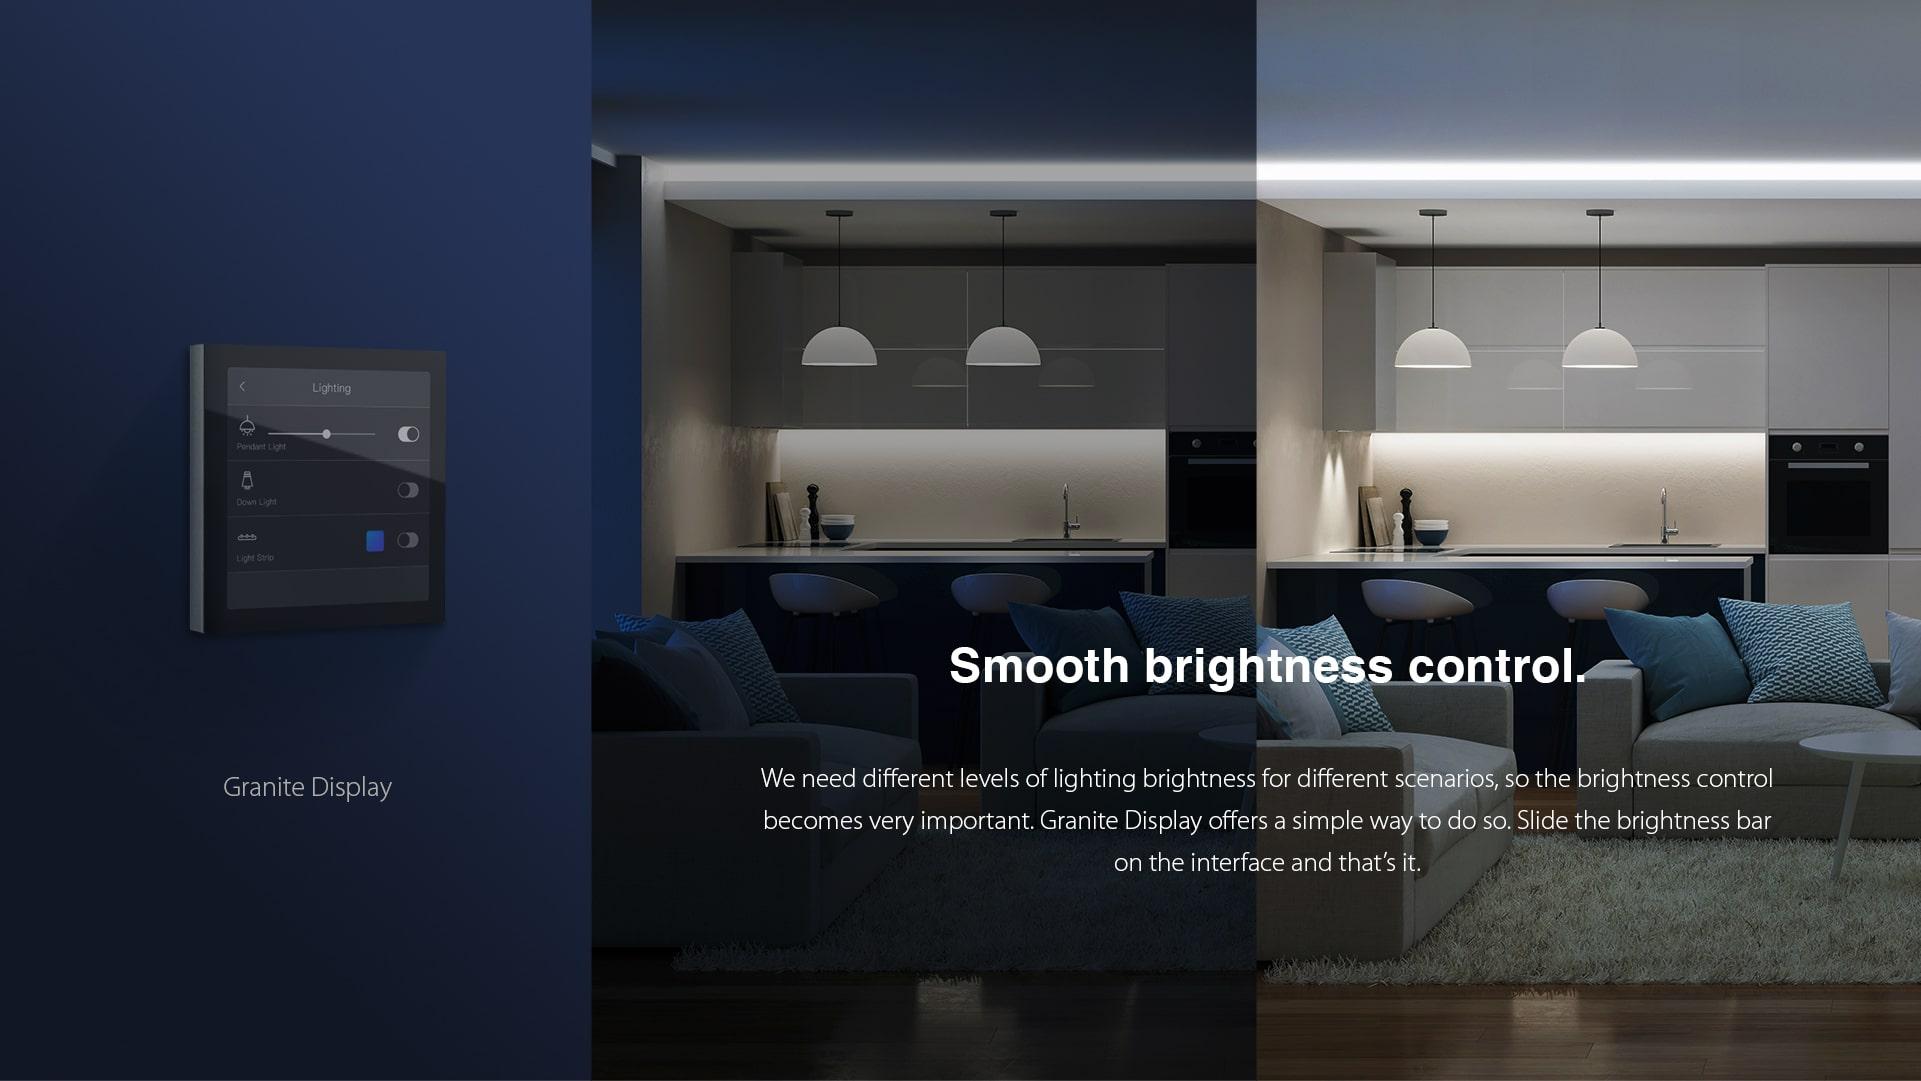 کنترل هوشمند سیستم روشنایی در پنل گراینیتی و لمسی ترموستاتیک HDL